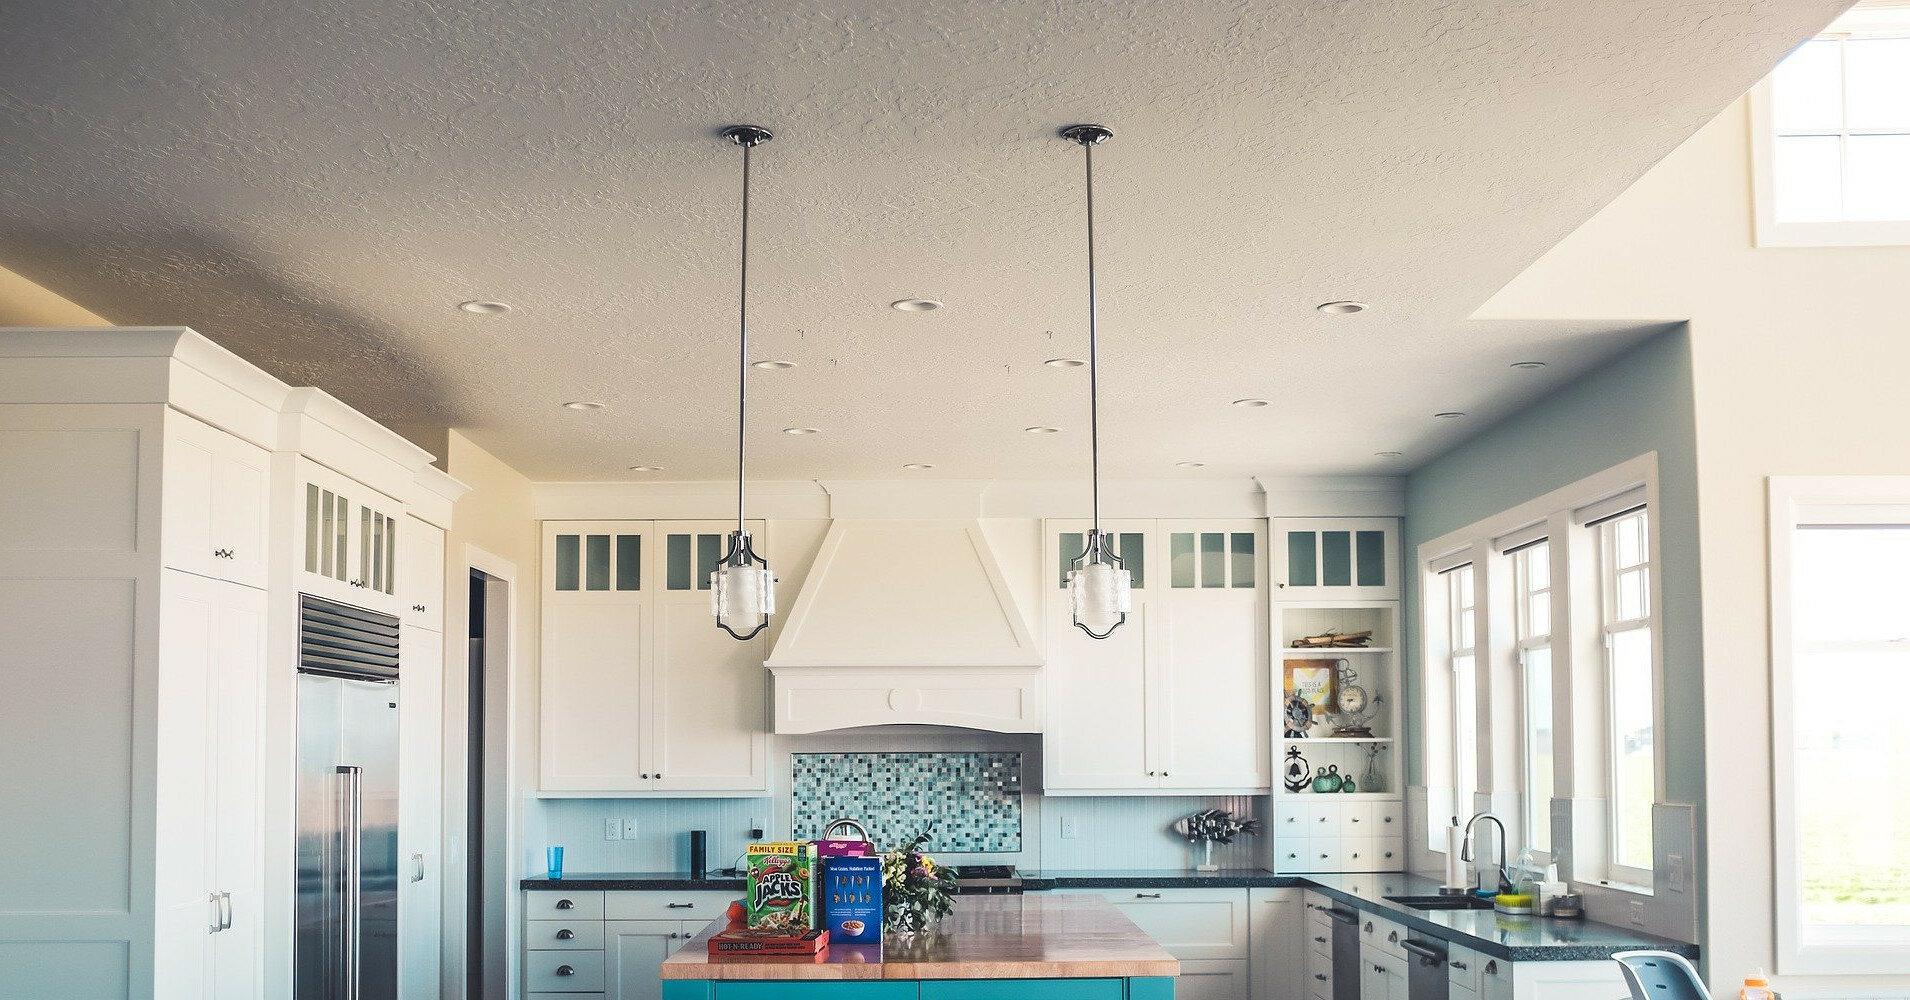 Вытяжка на кухню: принцип работы и дизайн